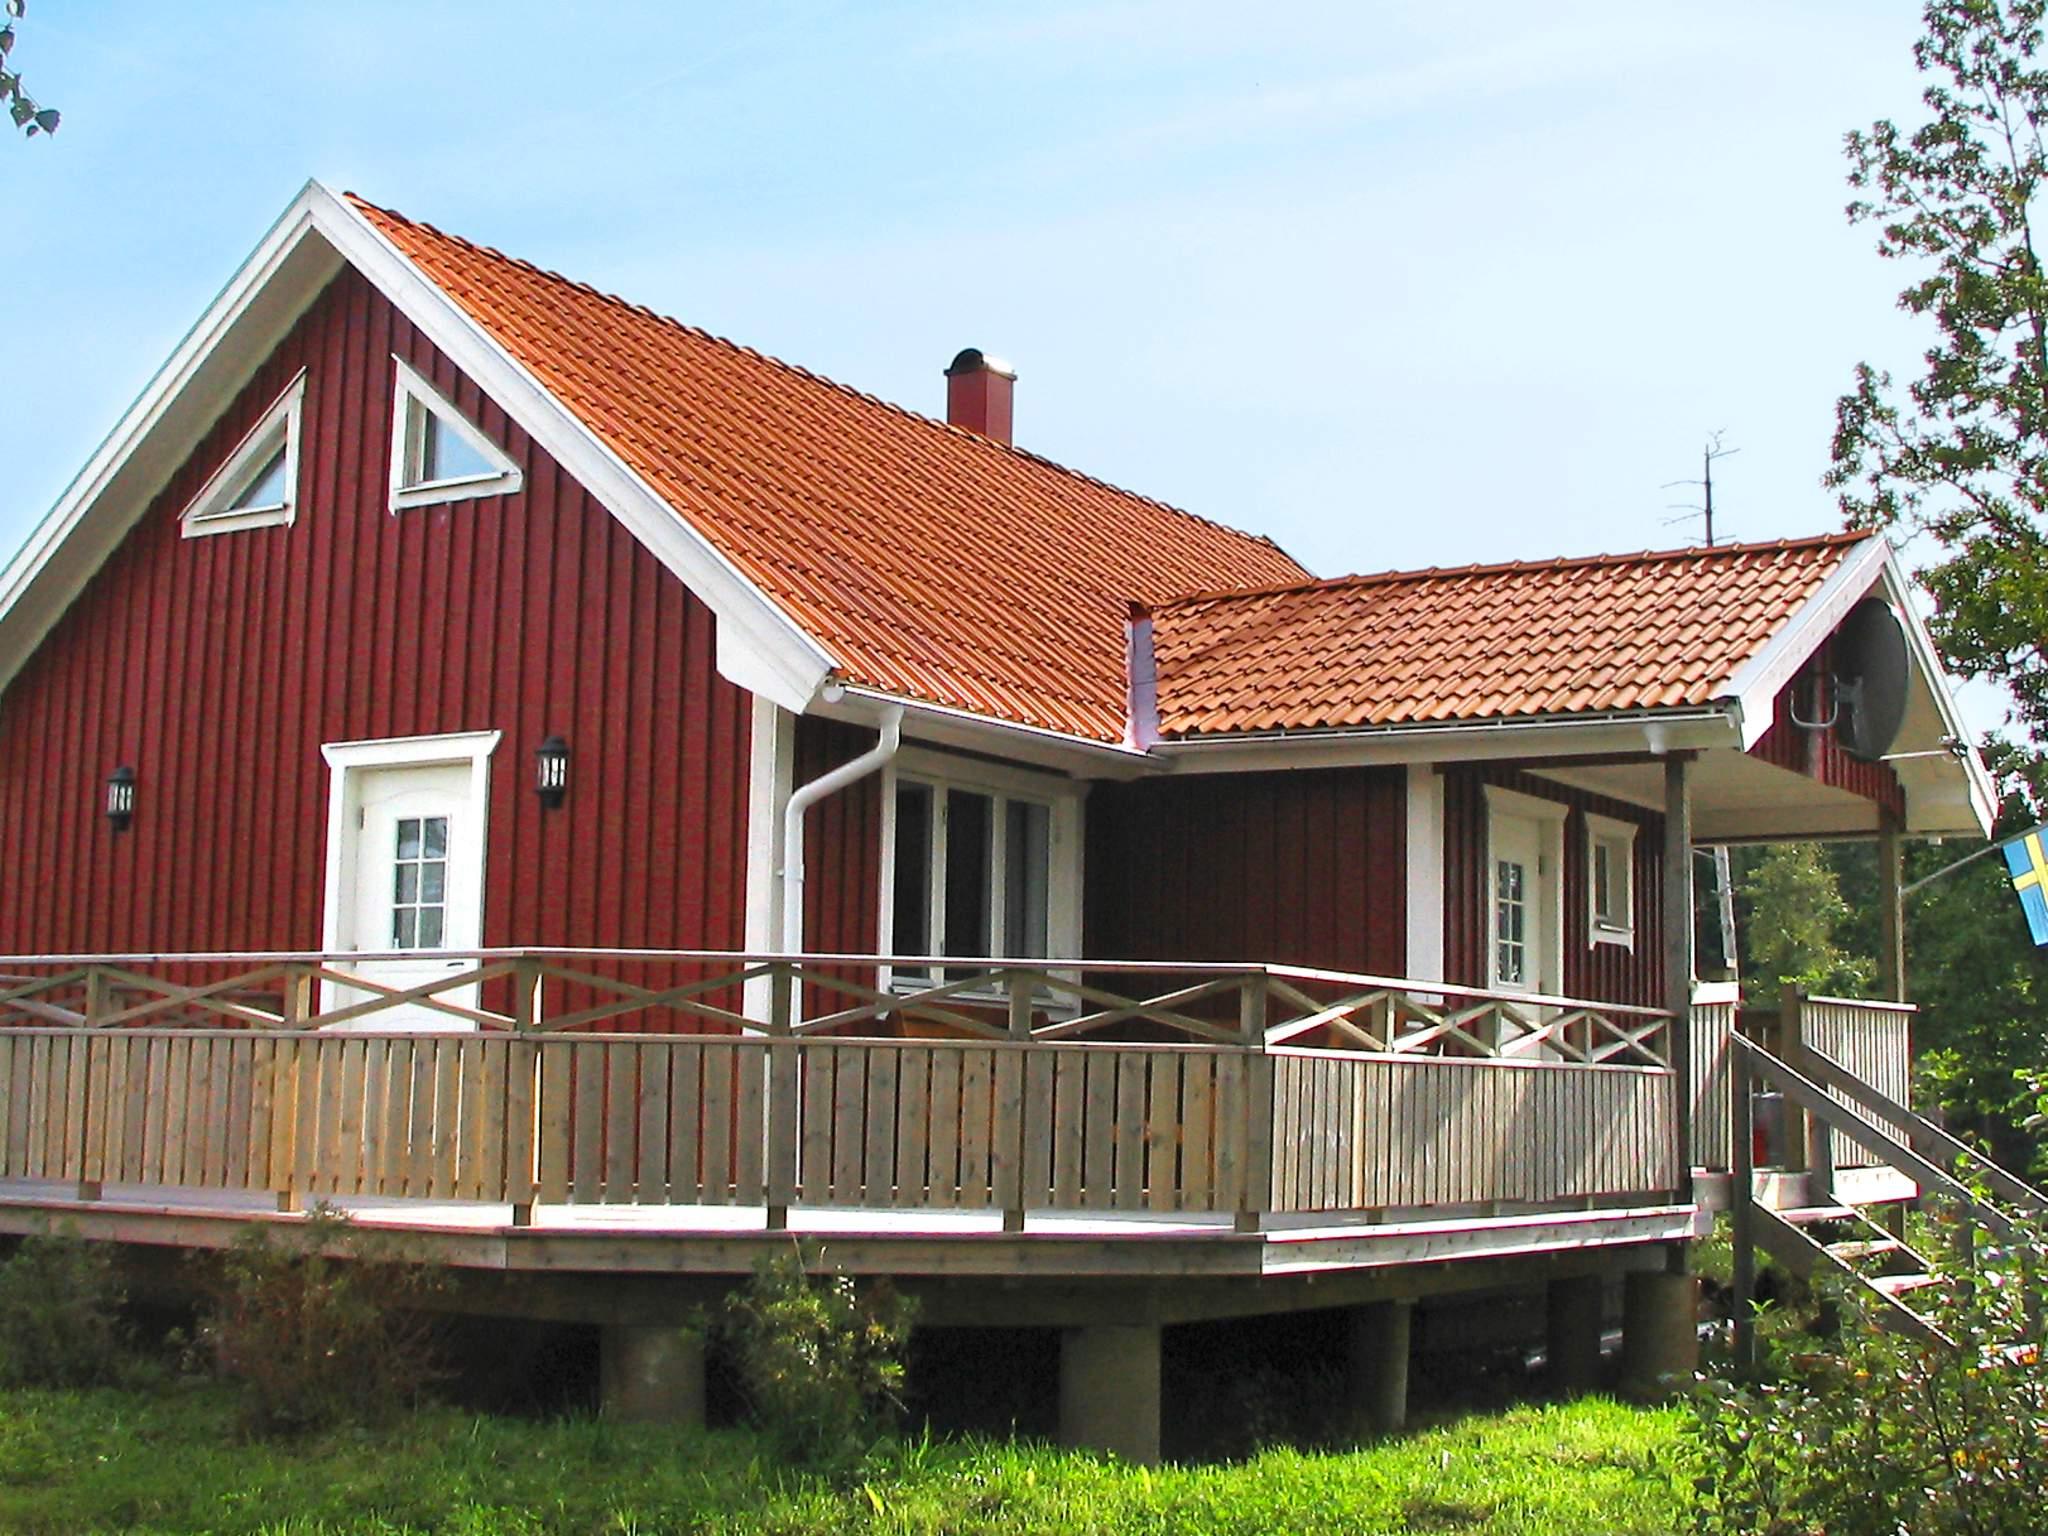 Ferienhaus Od (85921), Od, Västra Götaland län, Westschweden, Schweden, Bild 15